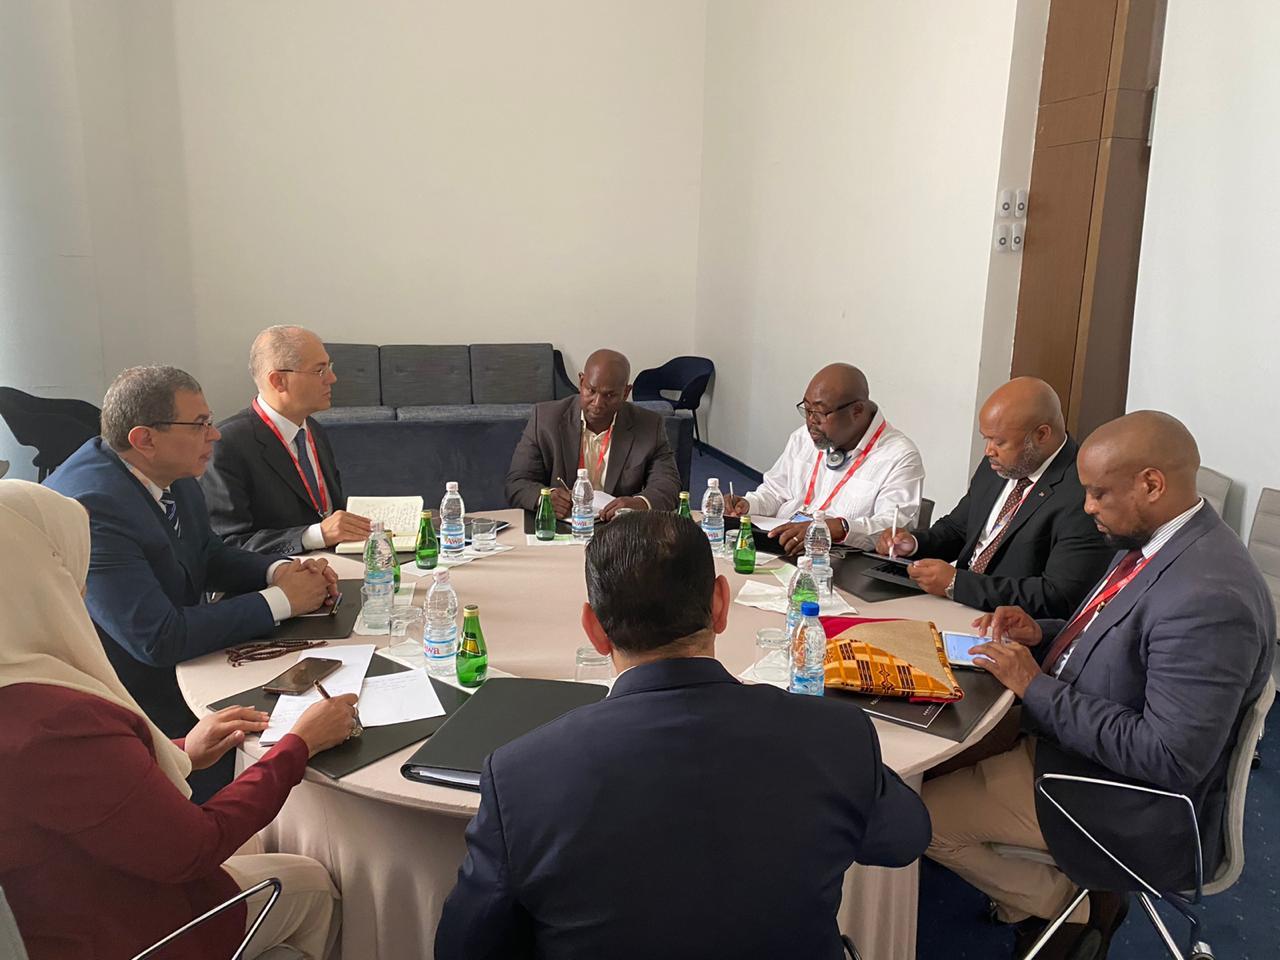 وزير القوى العاملة يبحث مع 3 وزراء عمل أفارقة التعاون فى مجالات العمل والتدريب والحوسبة (9)